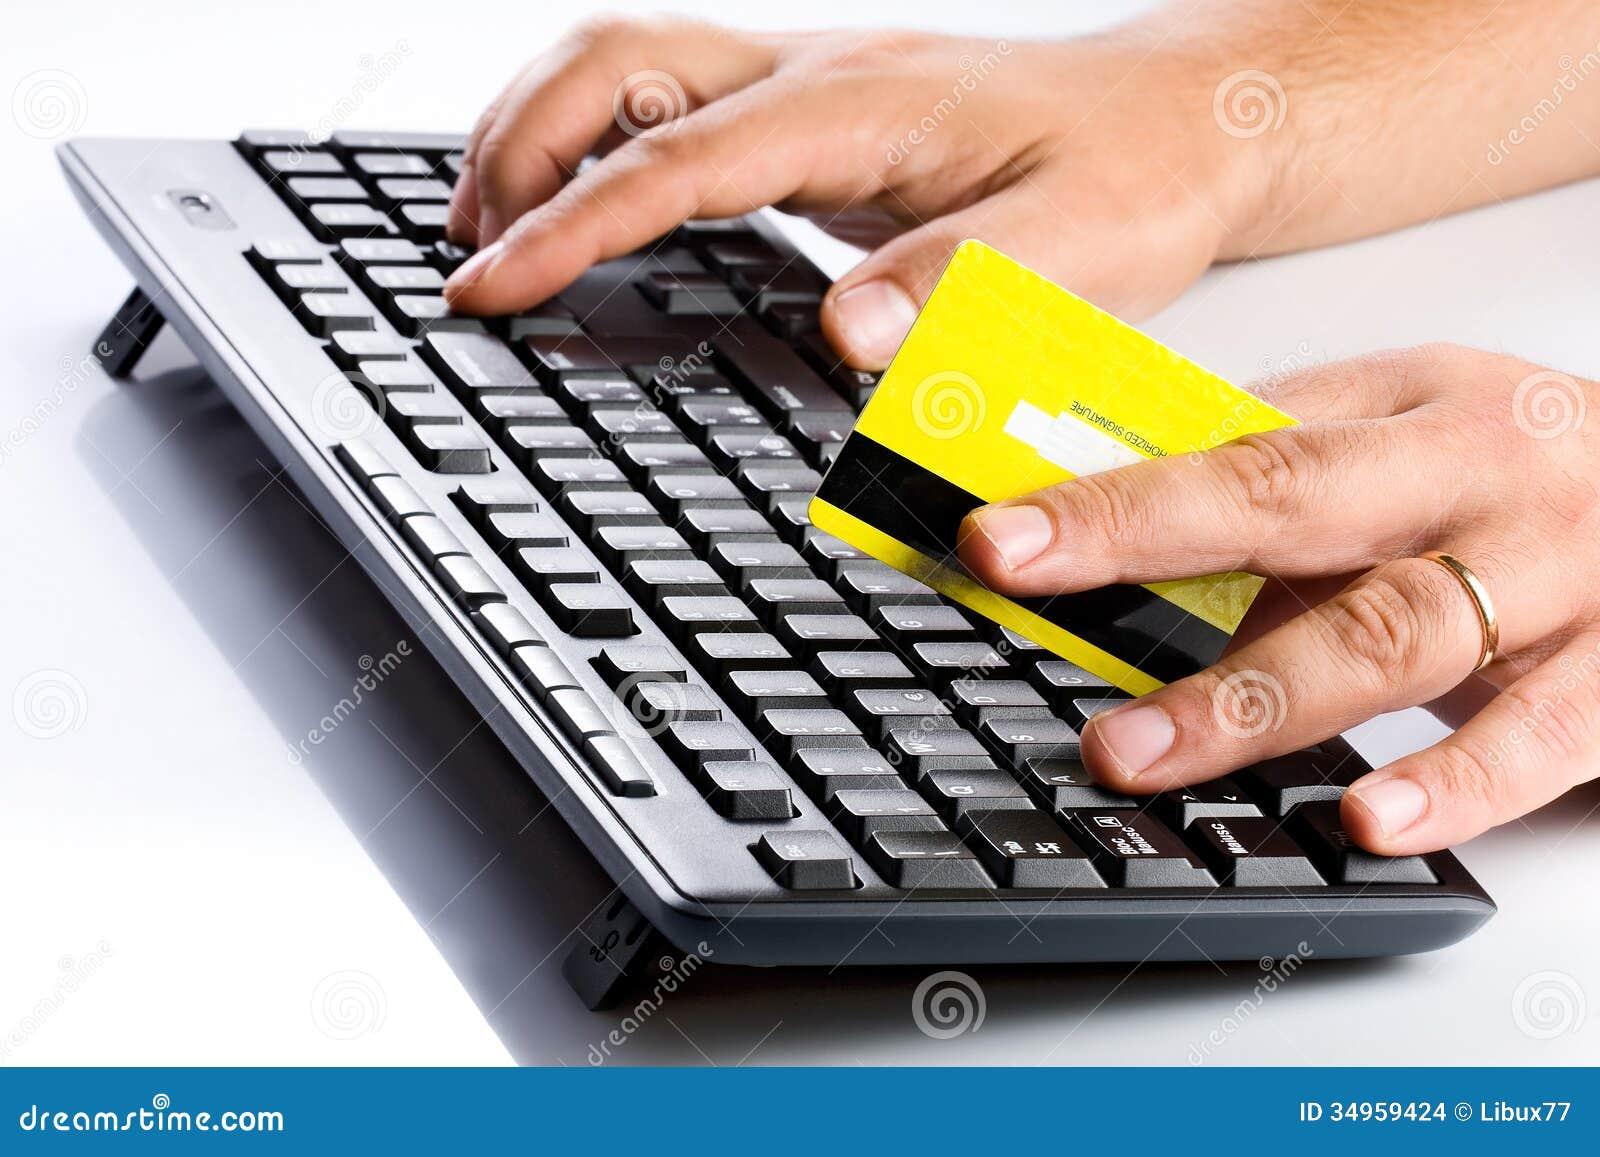 desktop online